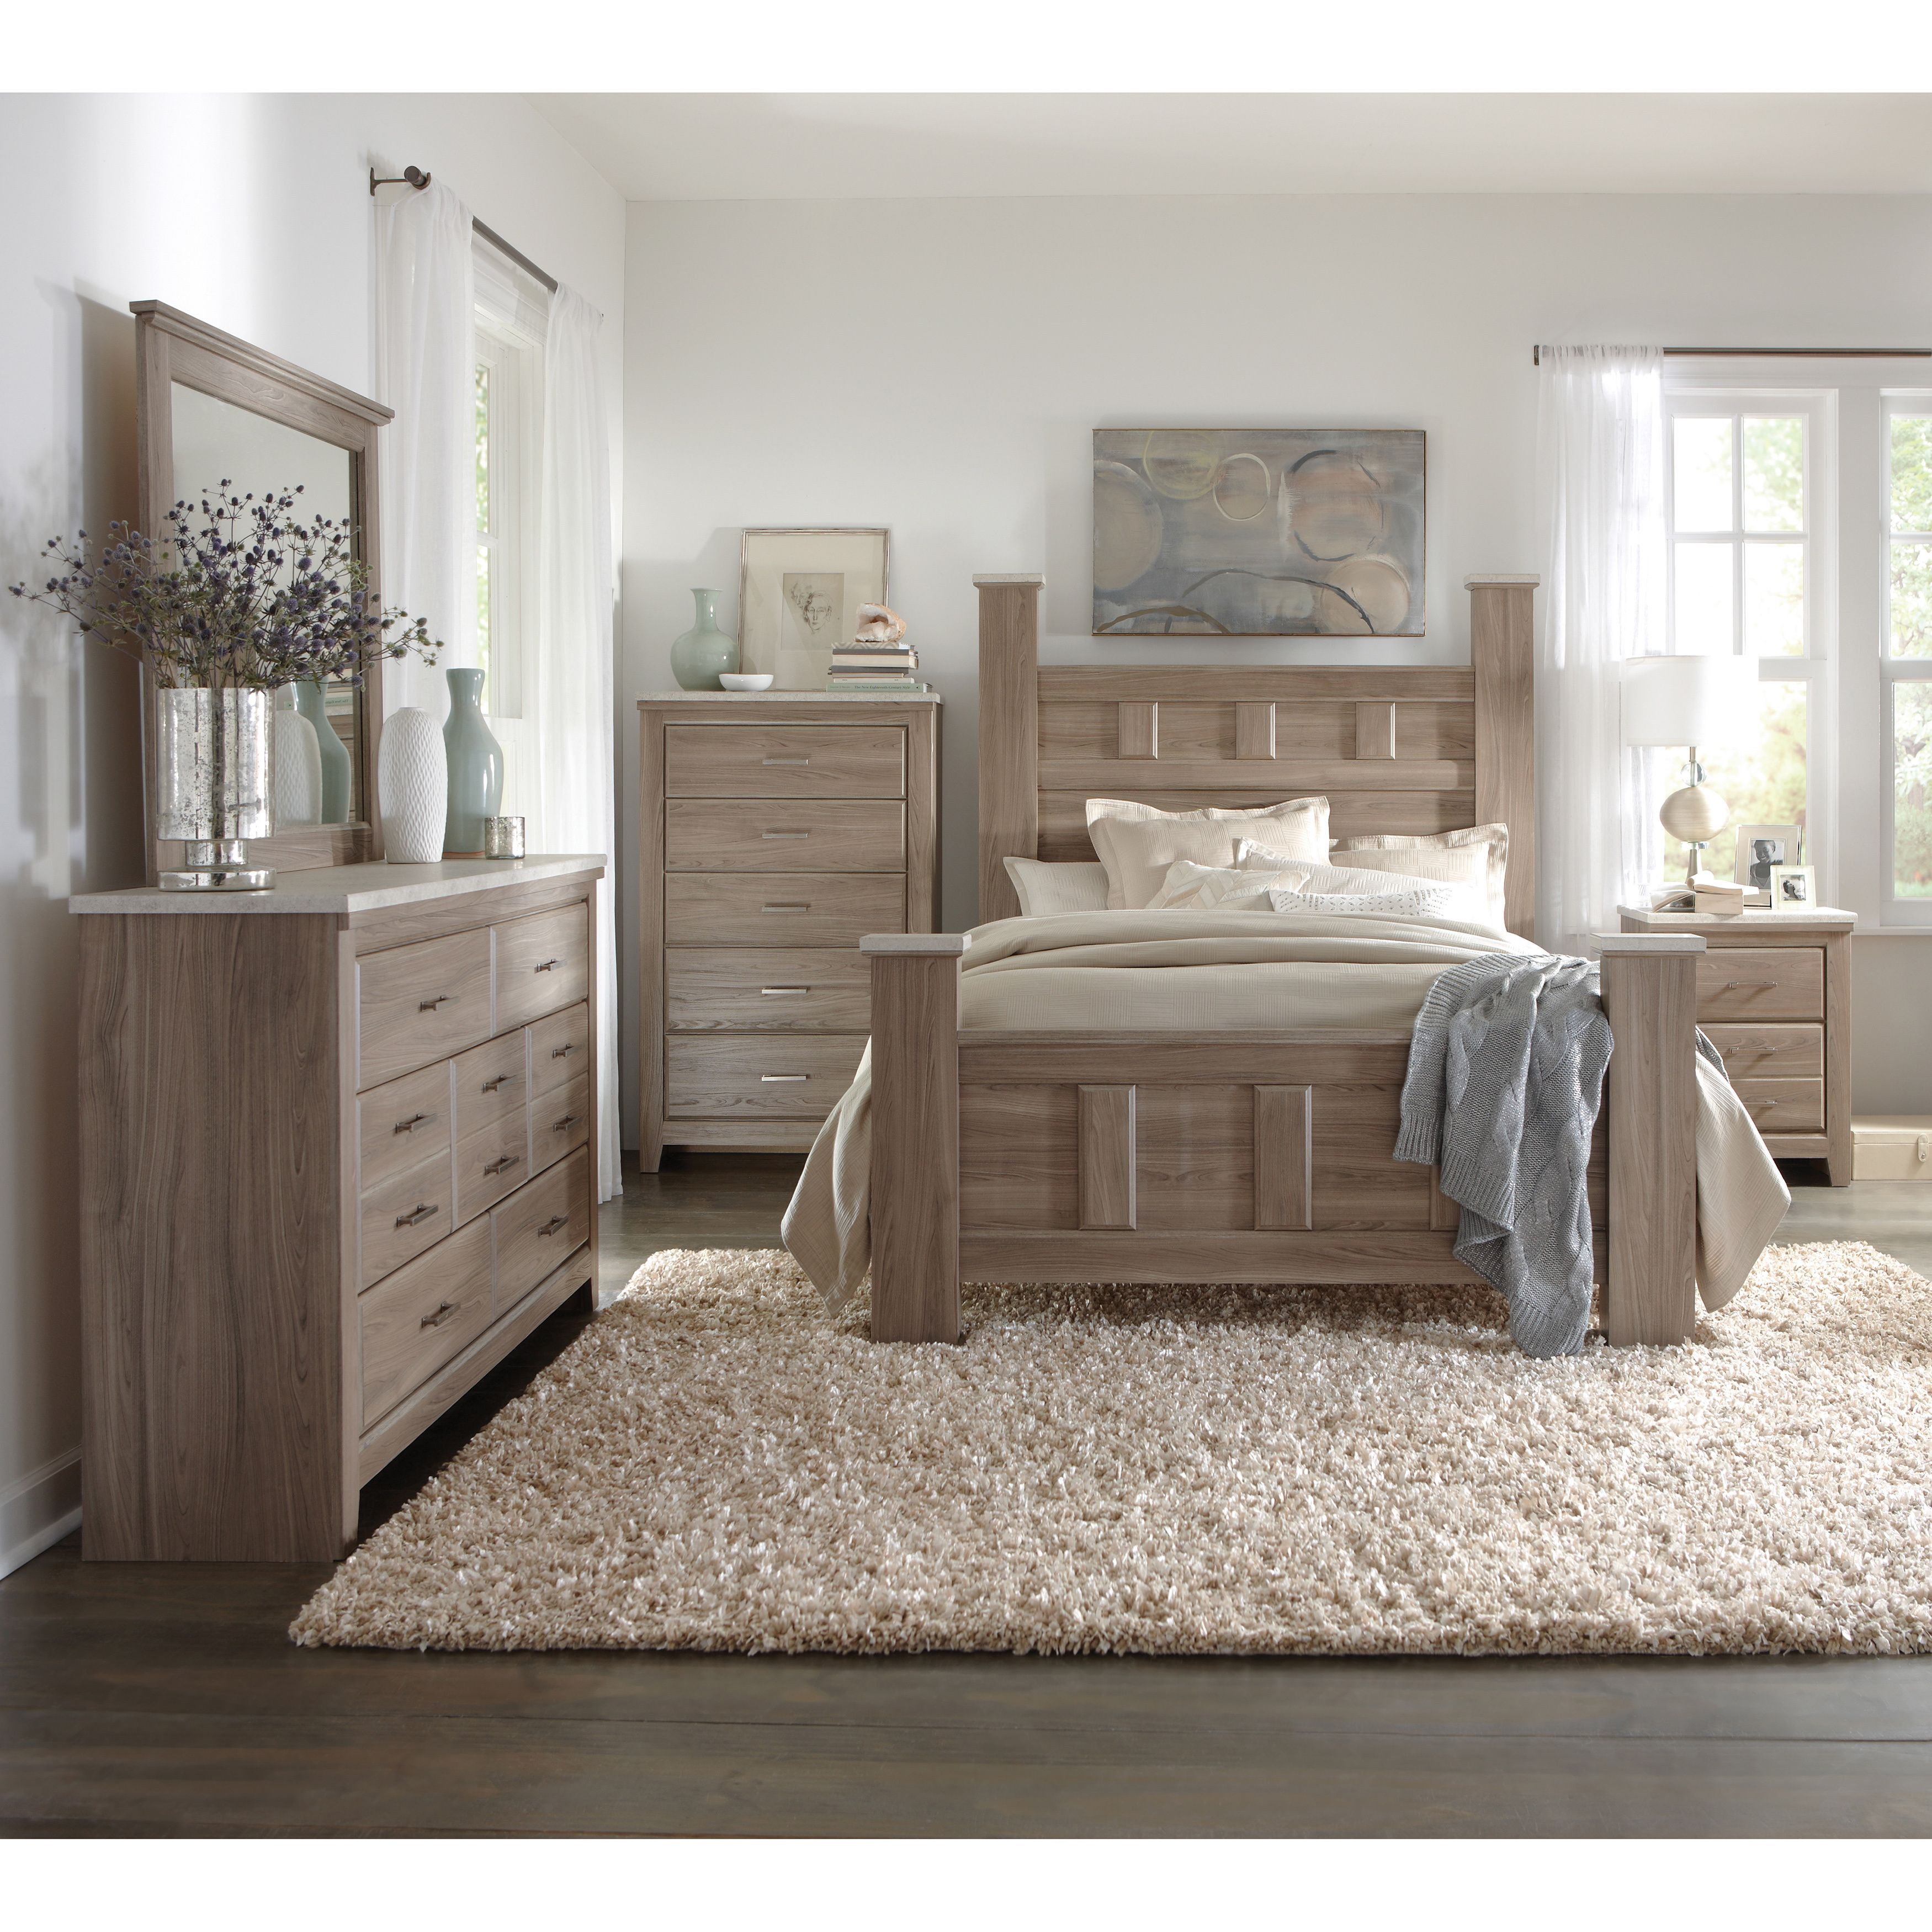 Art van piece queen bedroom set overstock shopping big